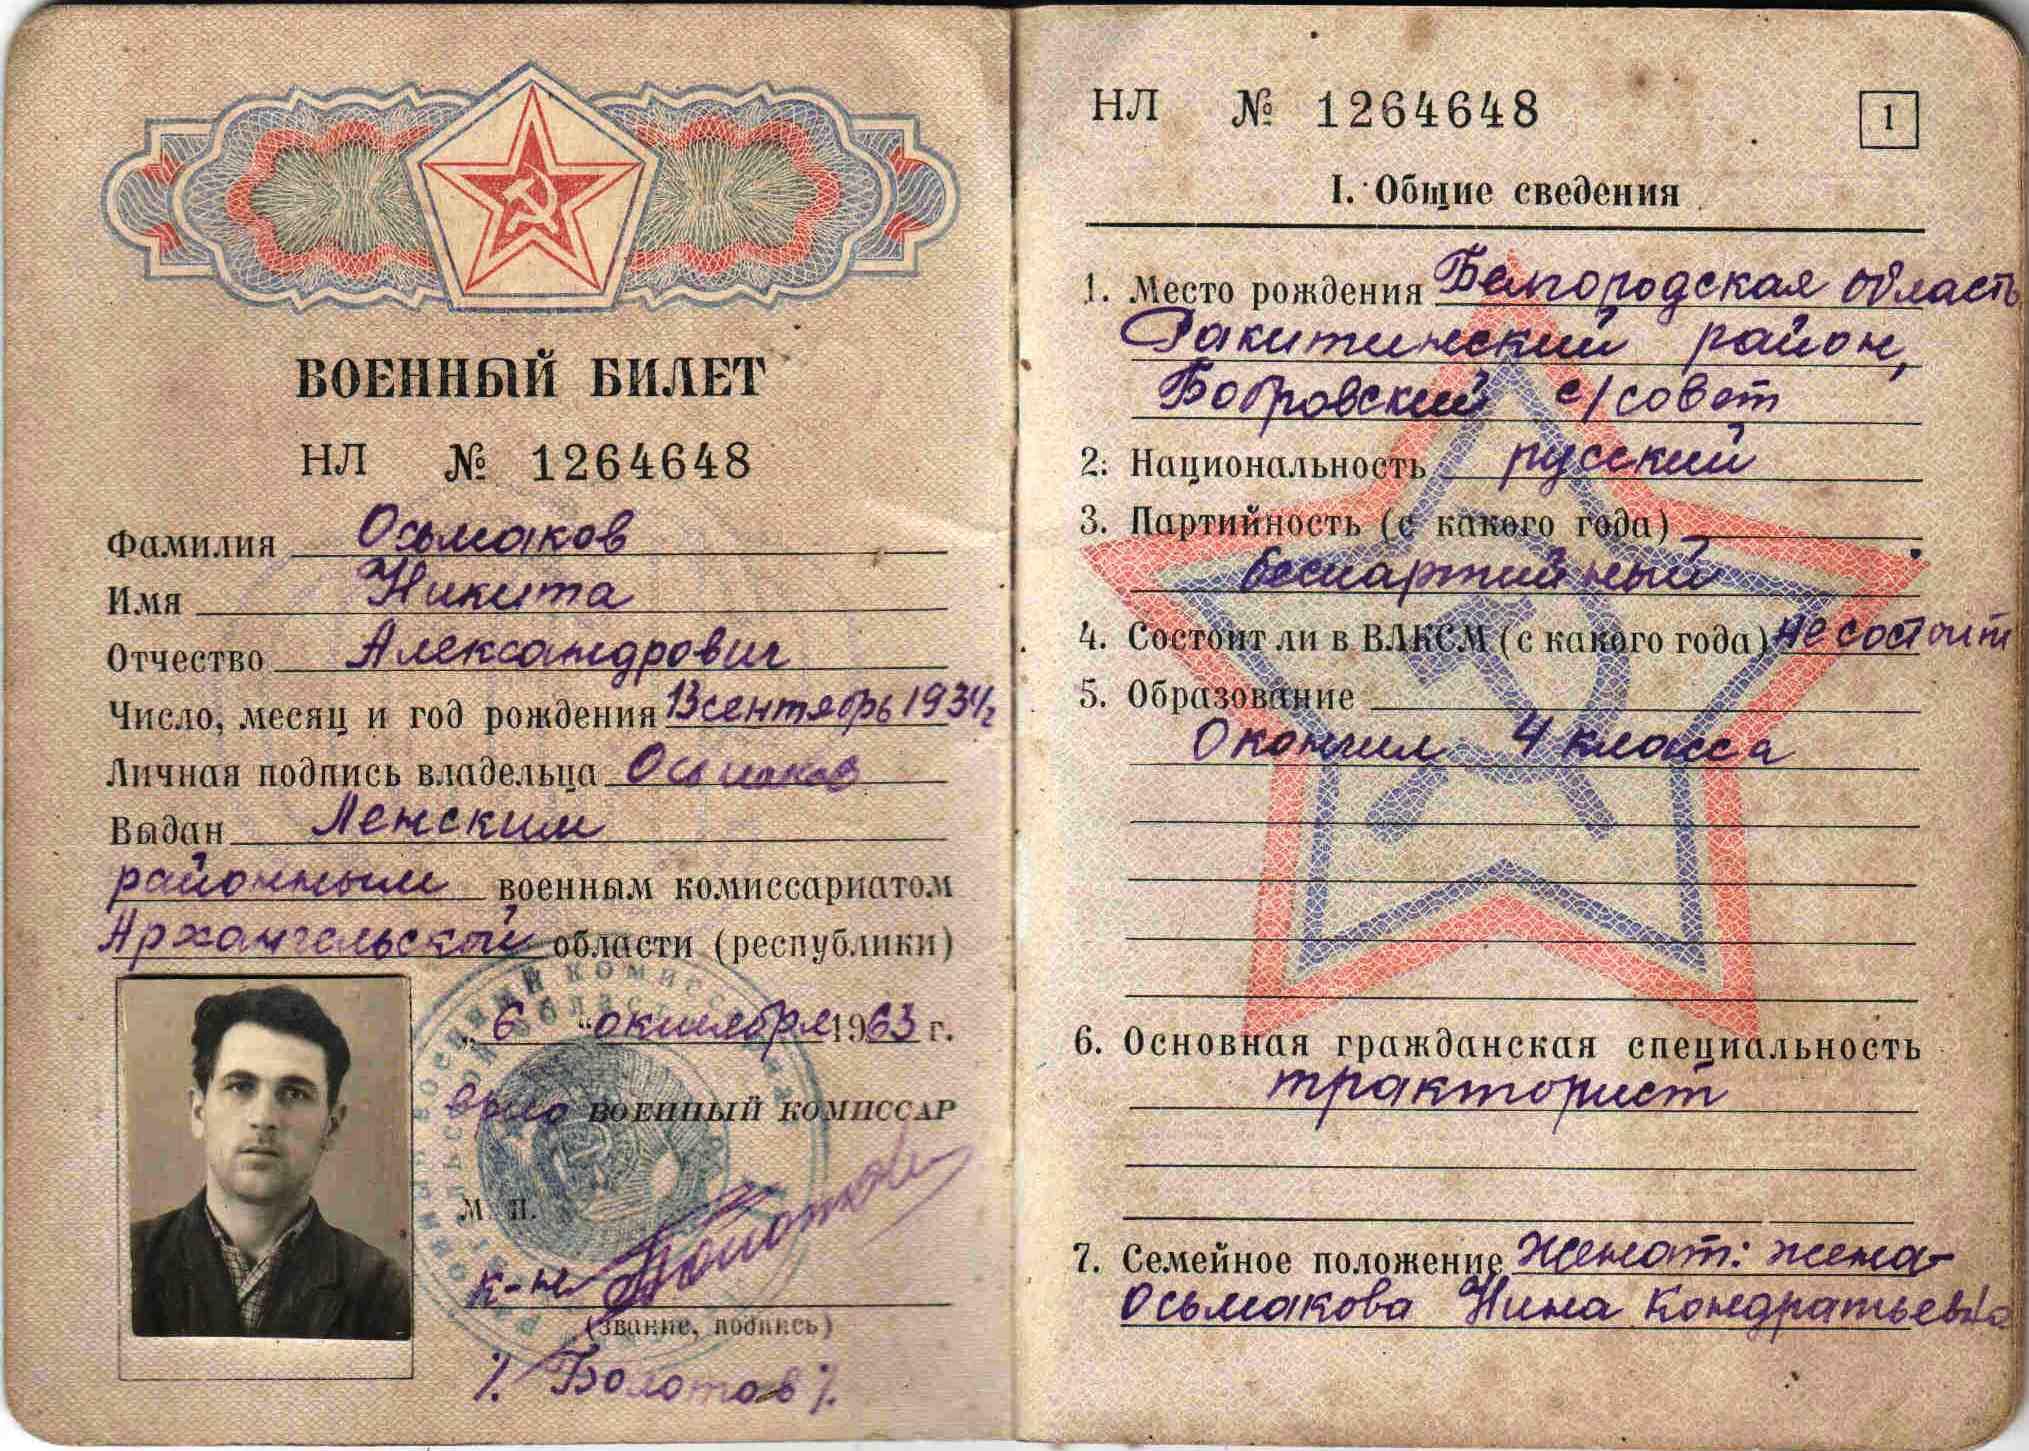 24. Военный билет, 1963 г.